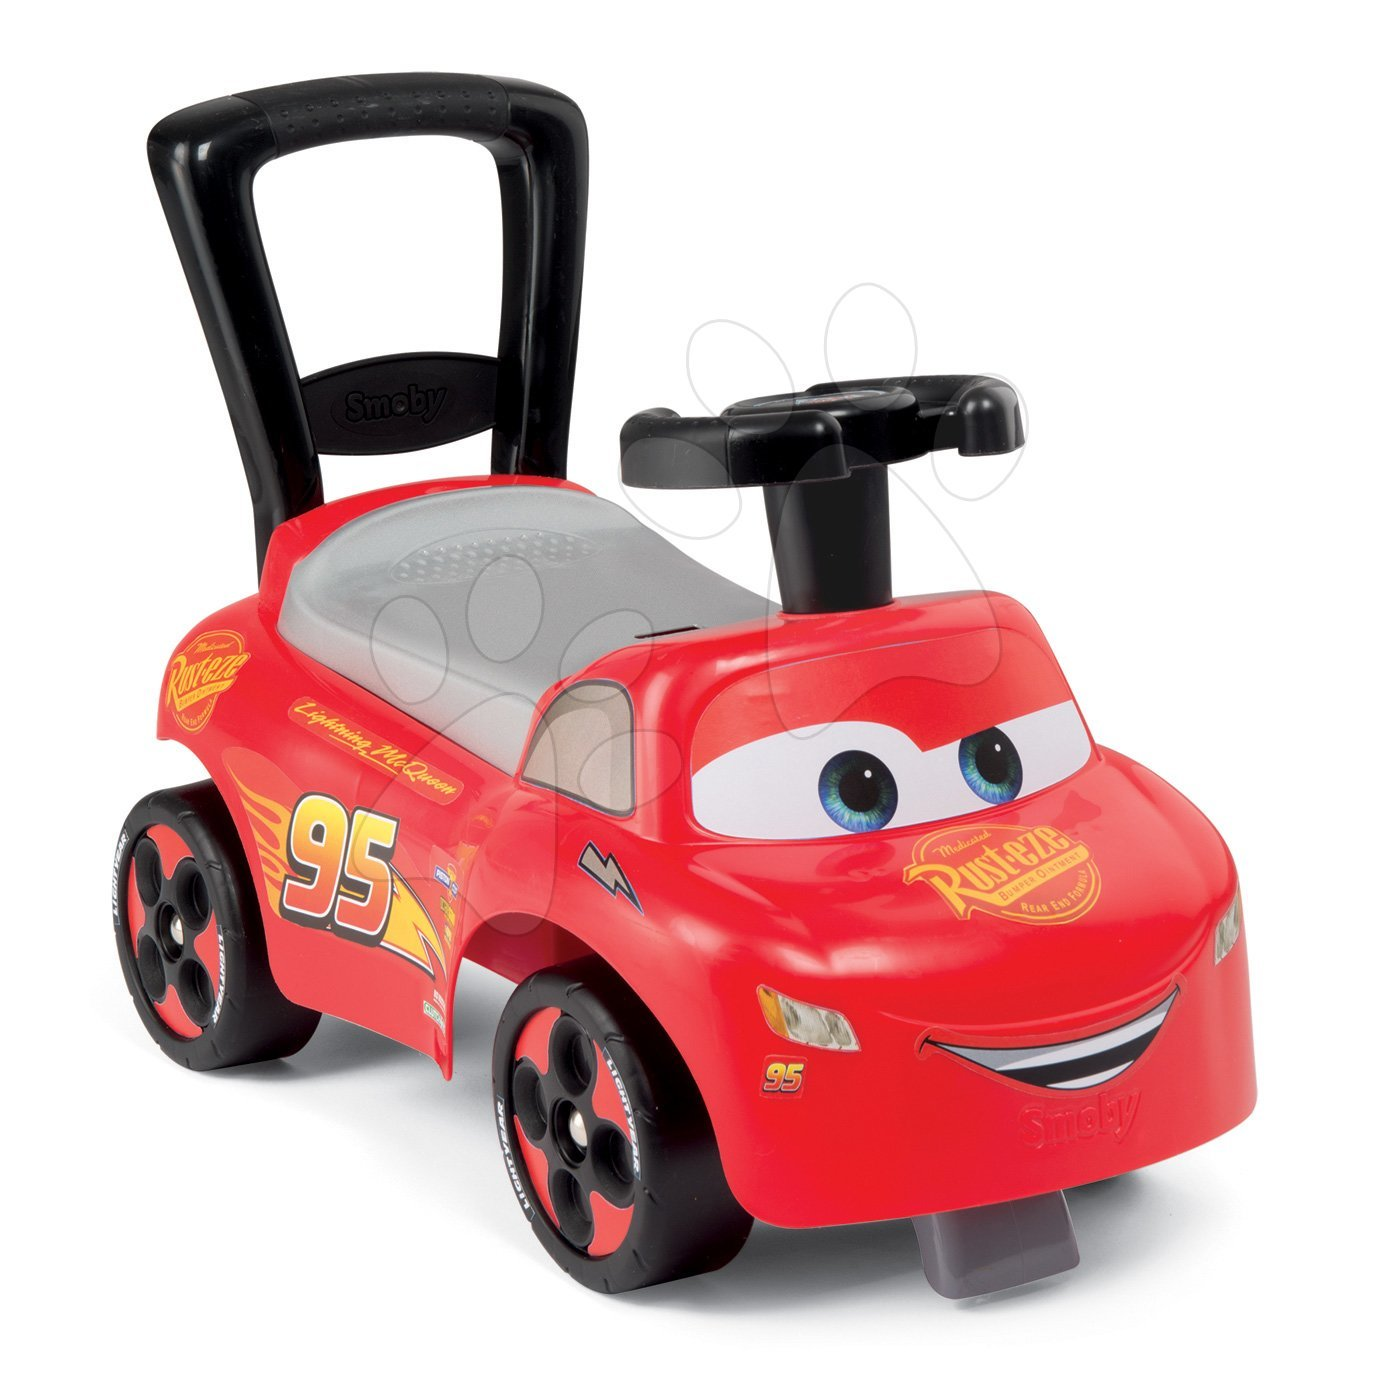 Smoby odrážedlo a chodítko auto Cars Disney s opěrkou a úložným prostorem červené 720523